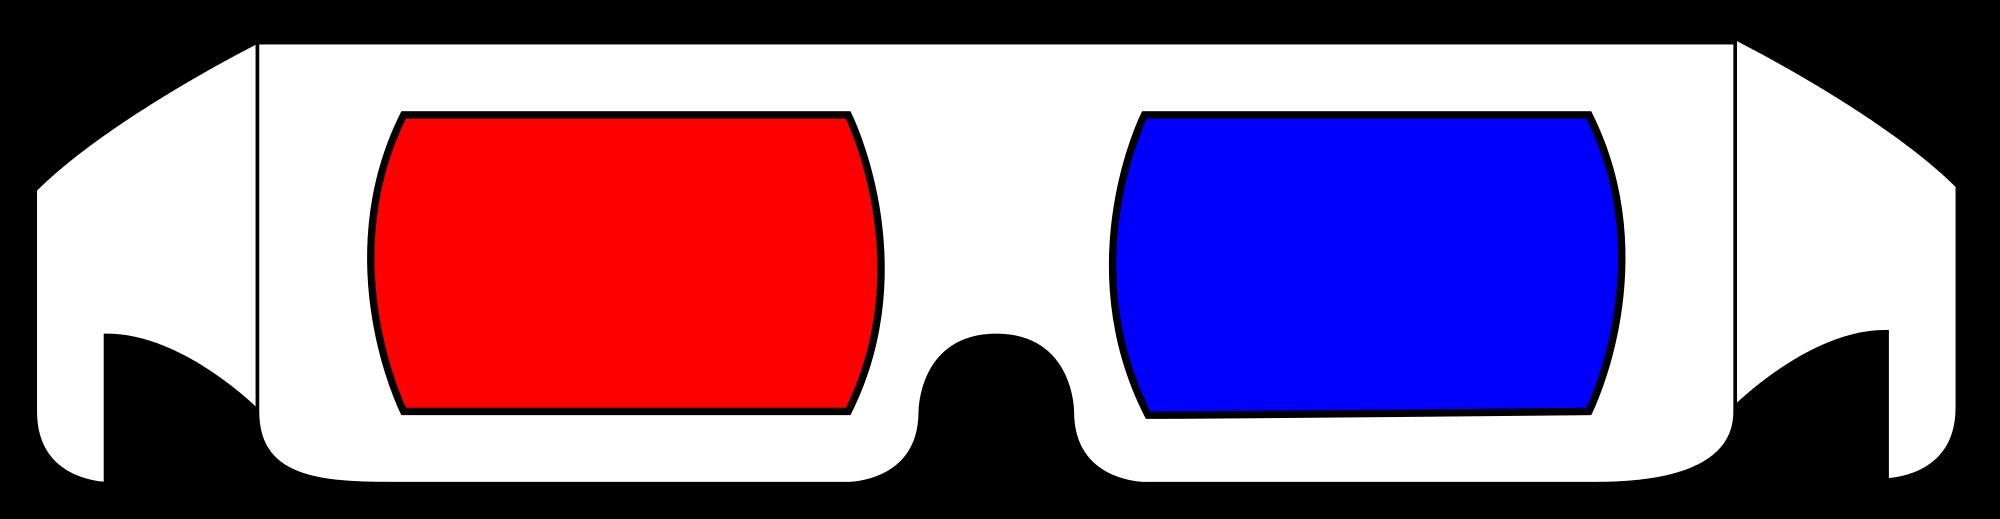 File:3d glasses red blue.svg.